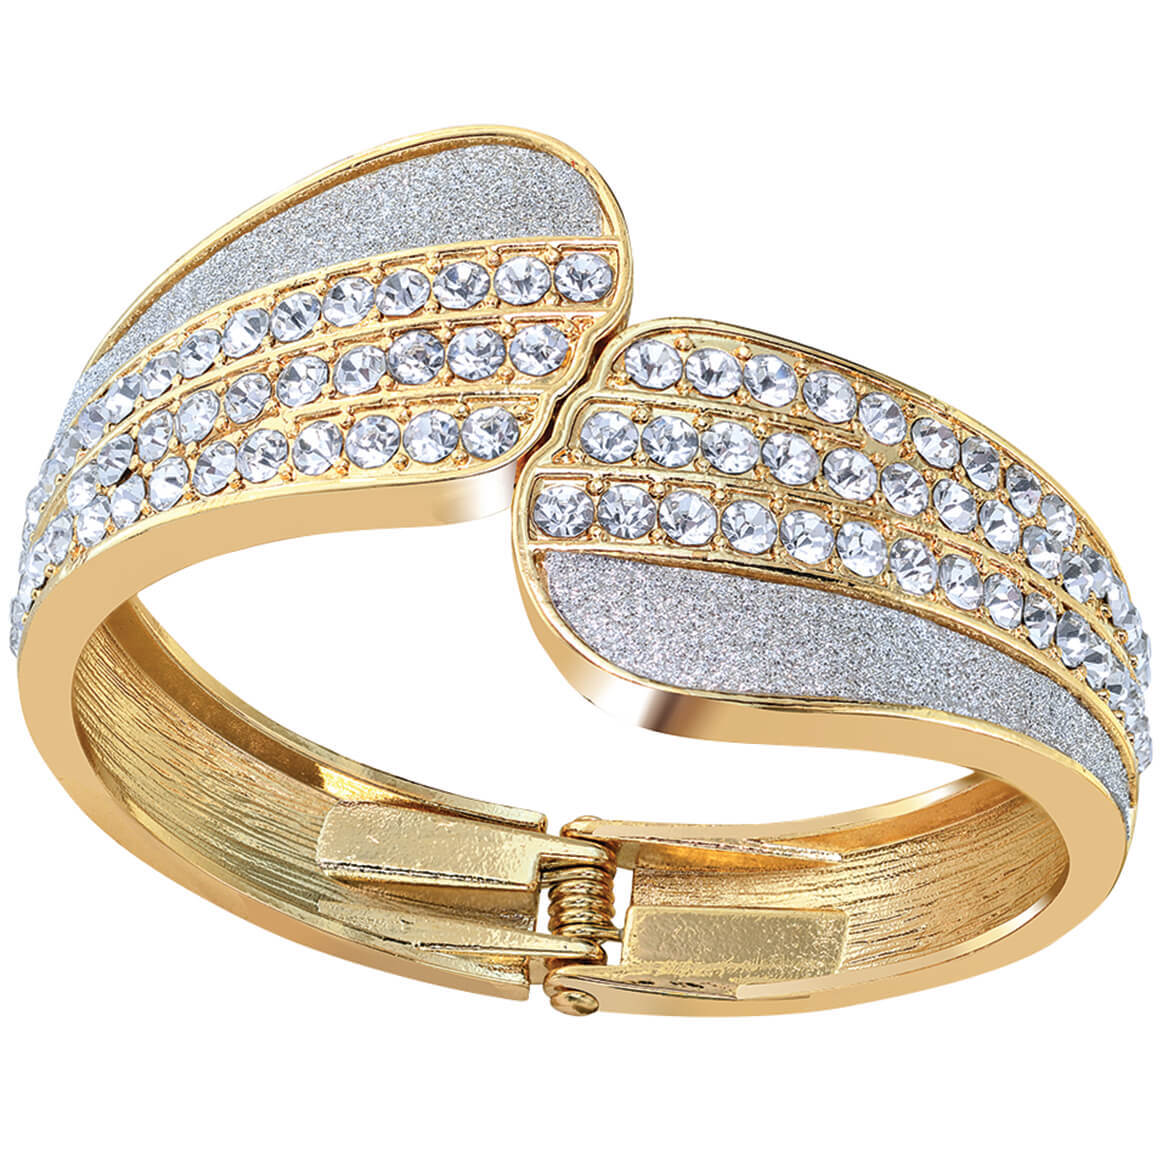 Goldtone Bangle Crystal Bracelet and Purse Hanger-369076